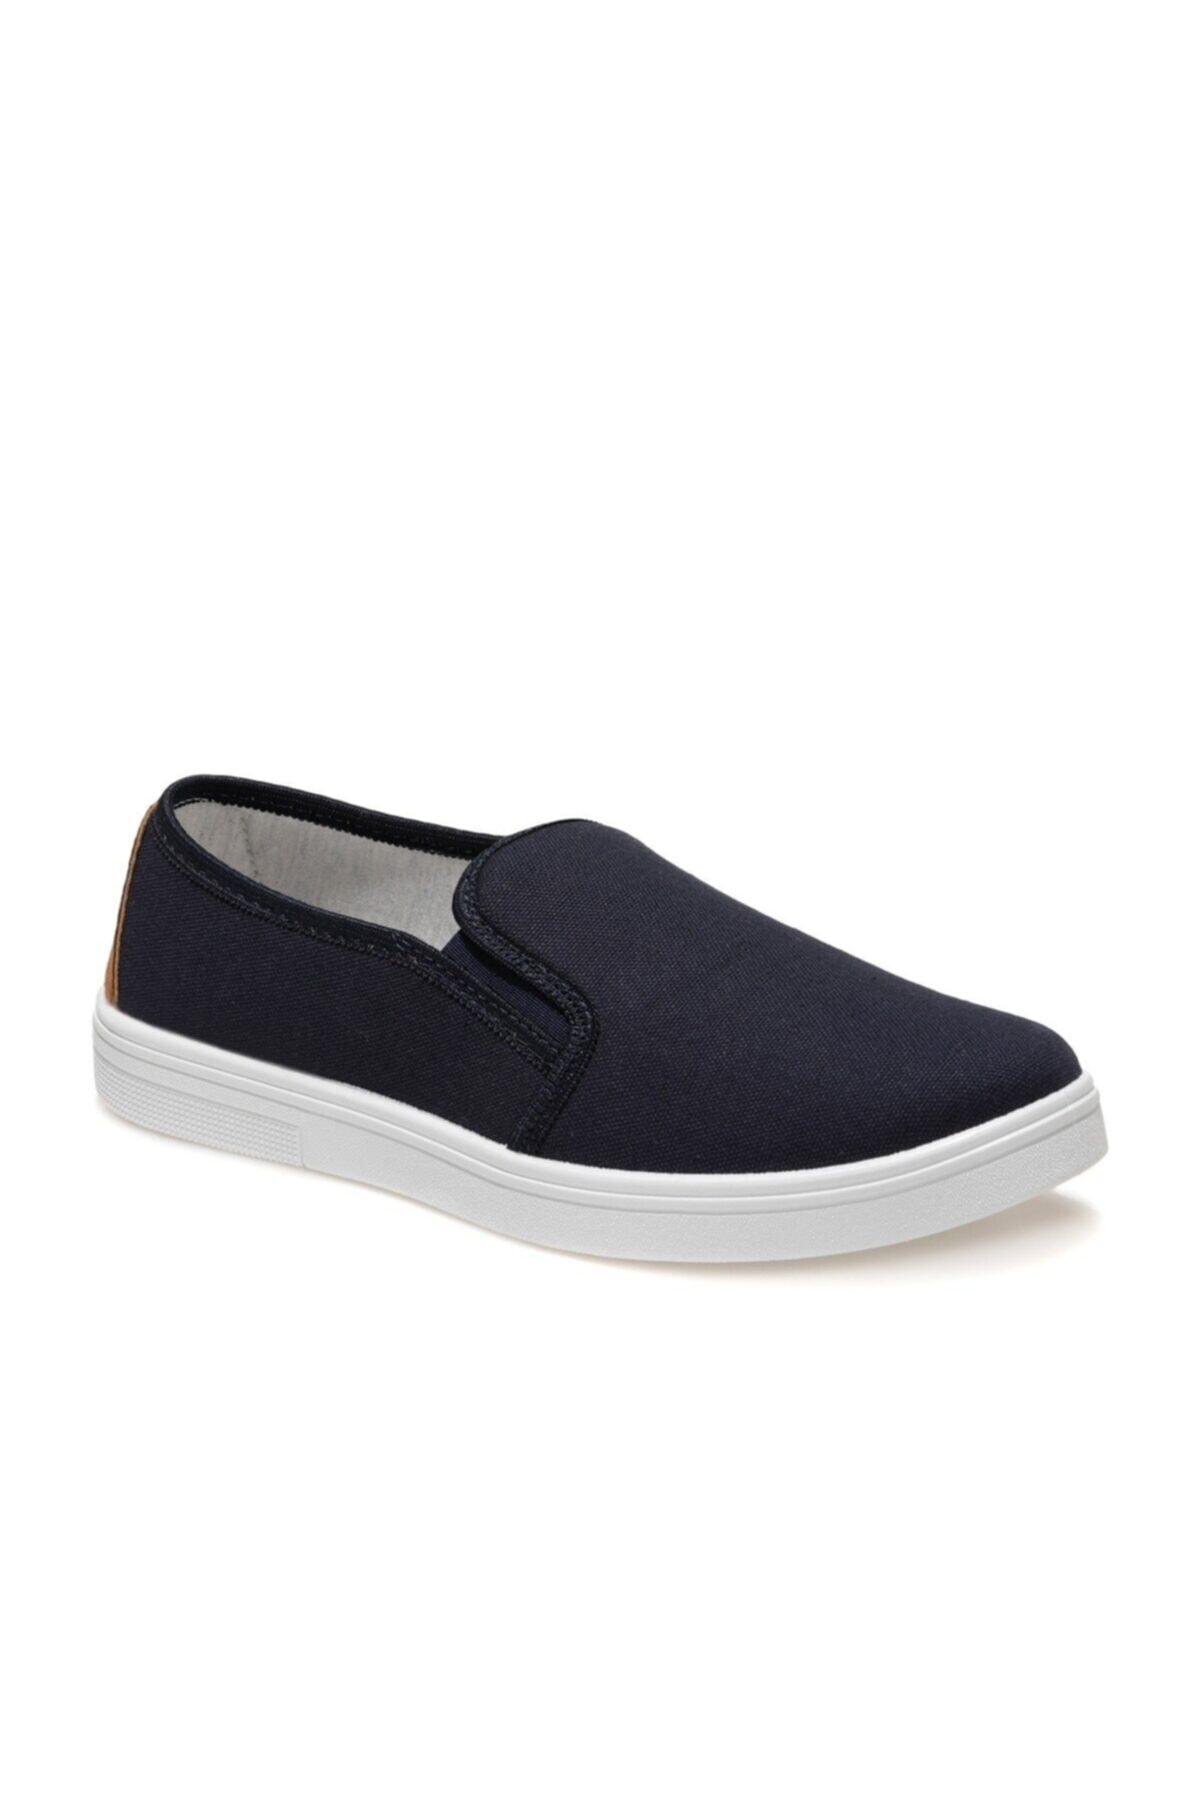 356735.M1FX Lacivert Erkek Slip On Ayakkabı 100936281